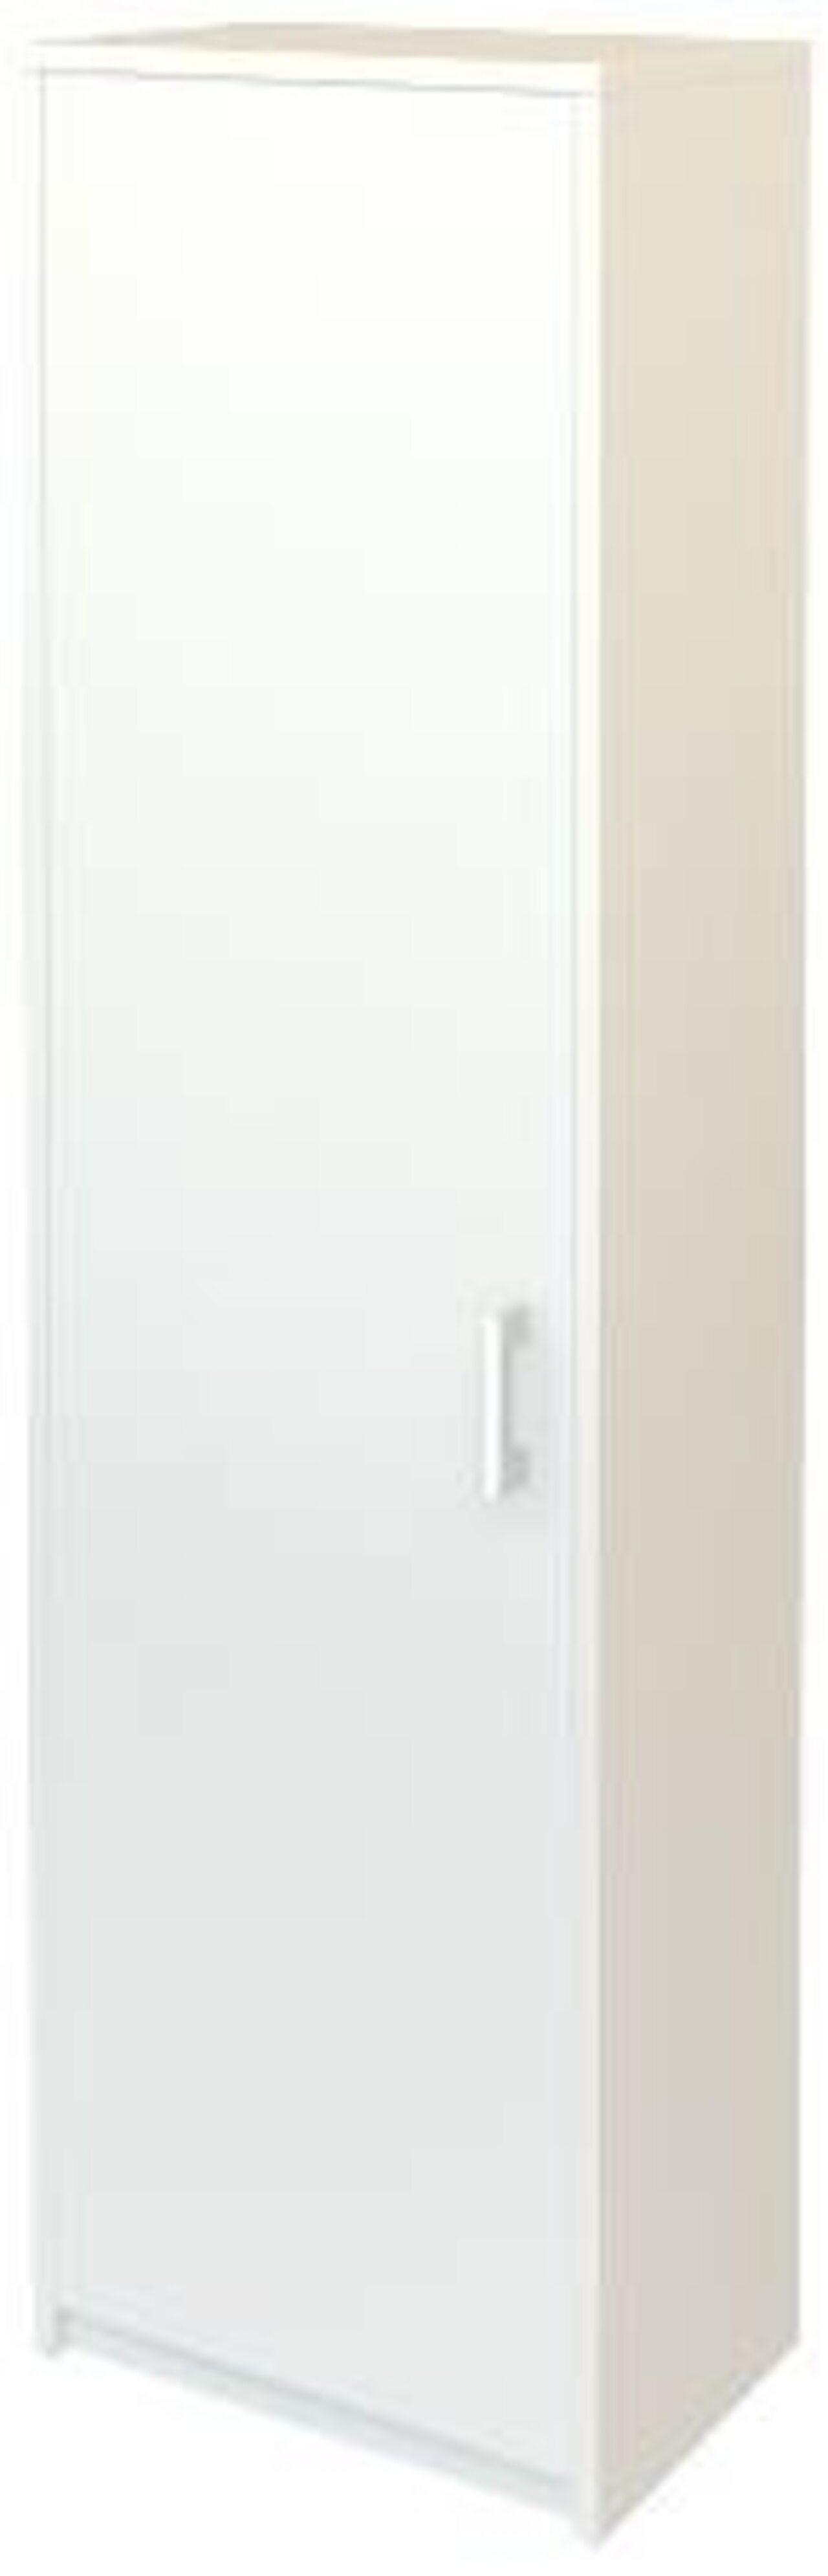 Шкаф для одежды  Арго 56x37x200 - фото 1